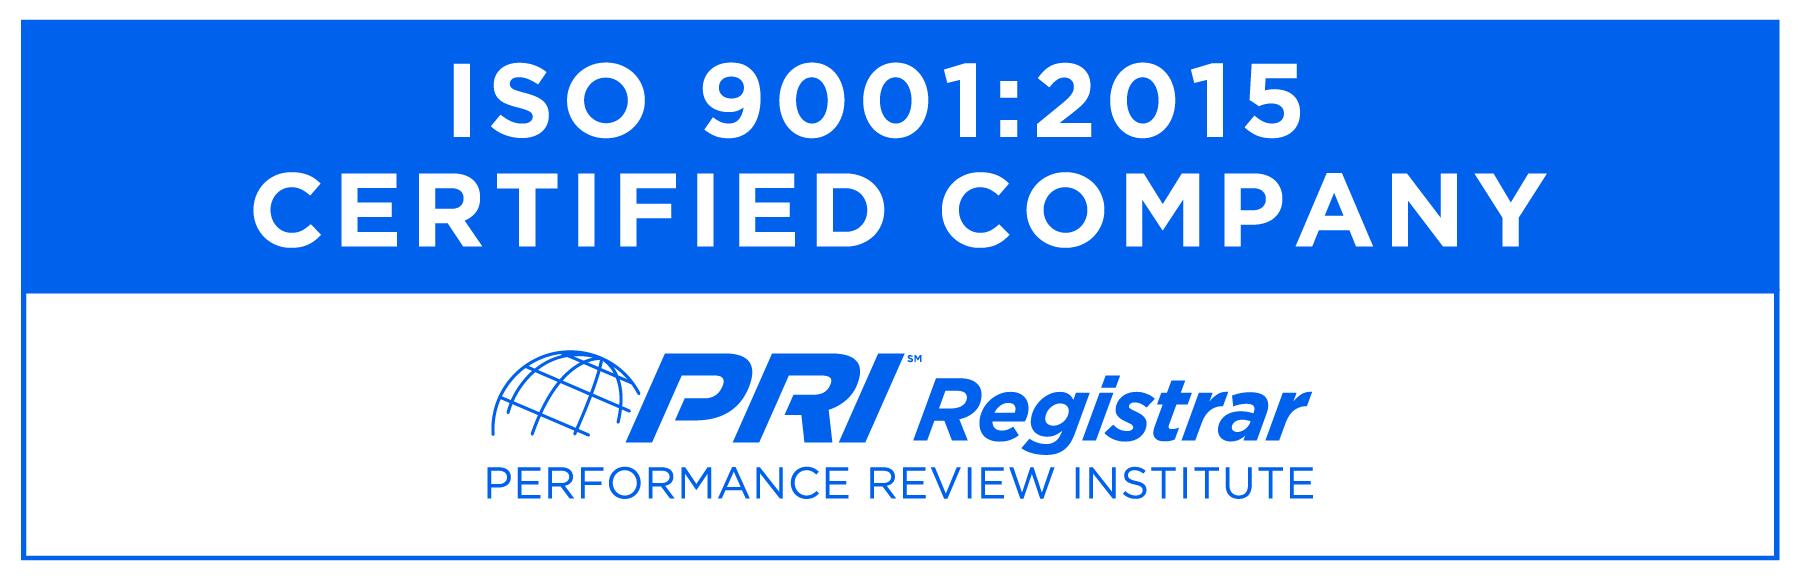 pri-programs-registrar-certified-iso9001-4c.jpg